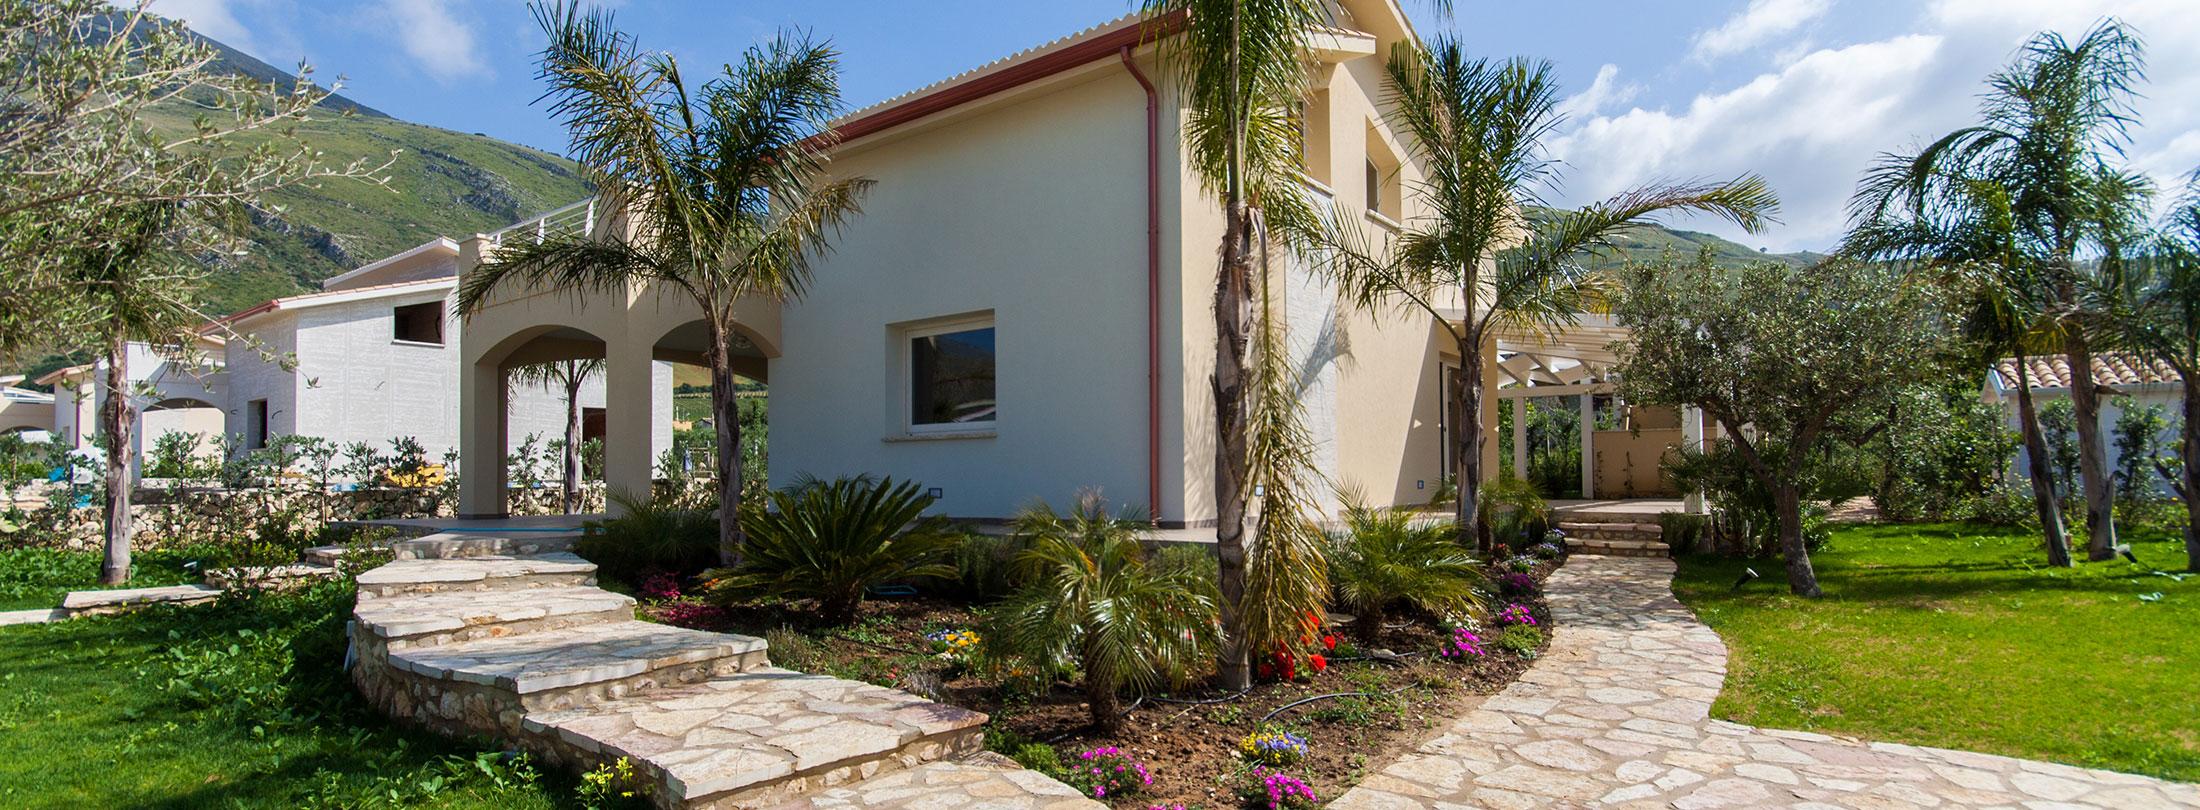 Villa Unifamiliare a Borgo Aranci